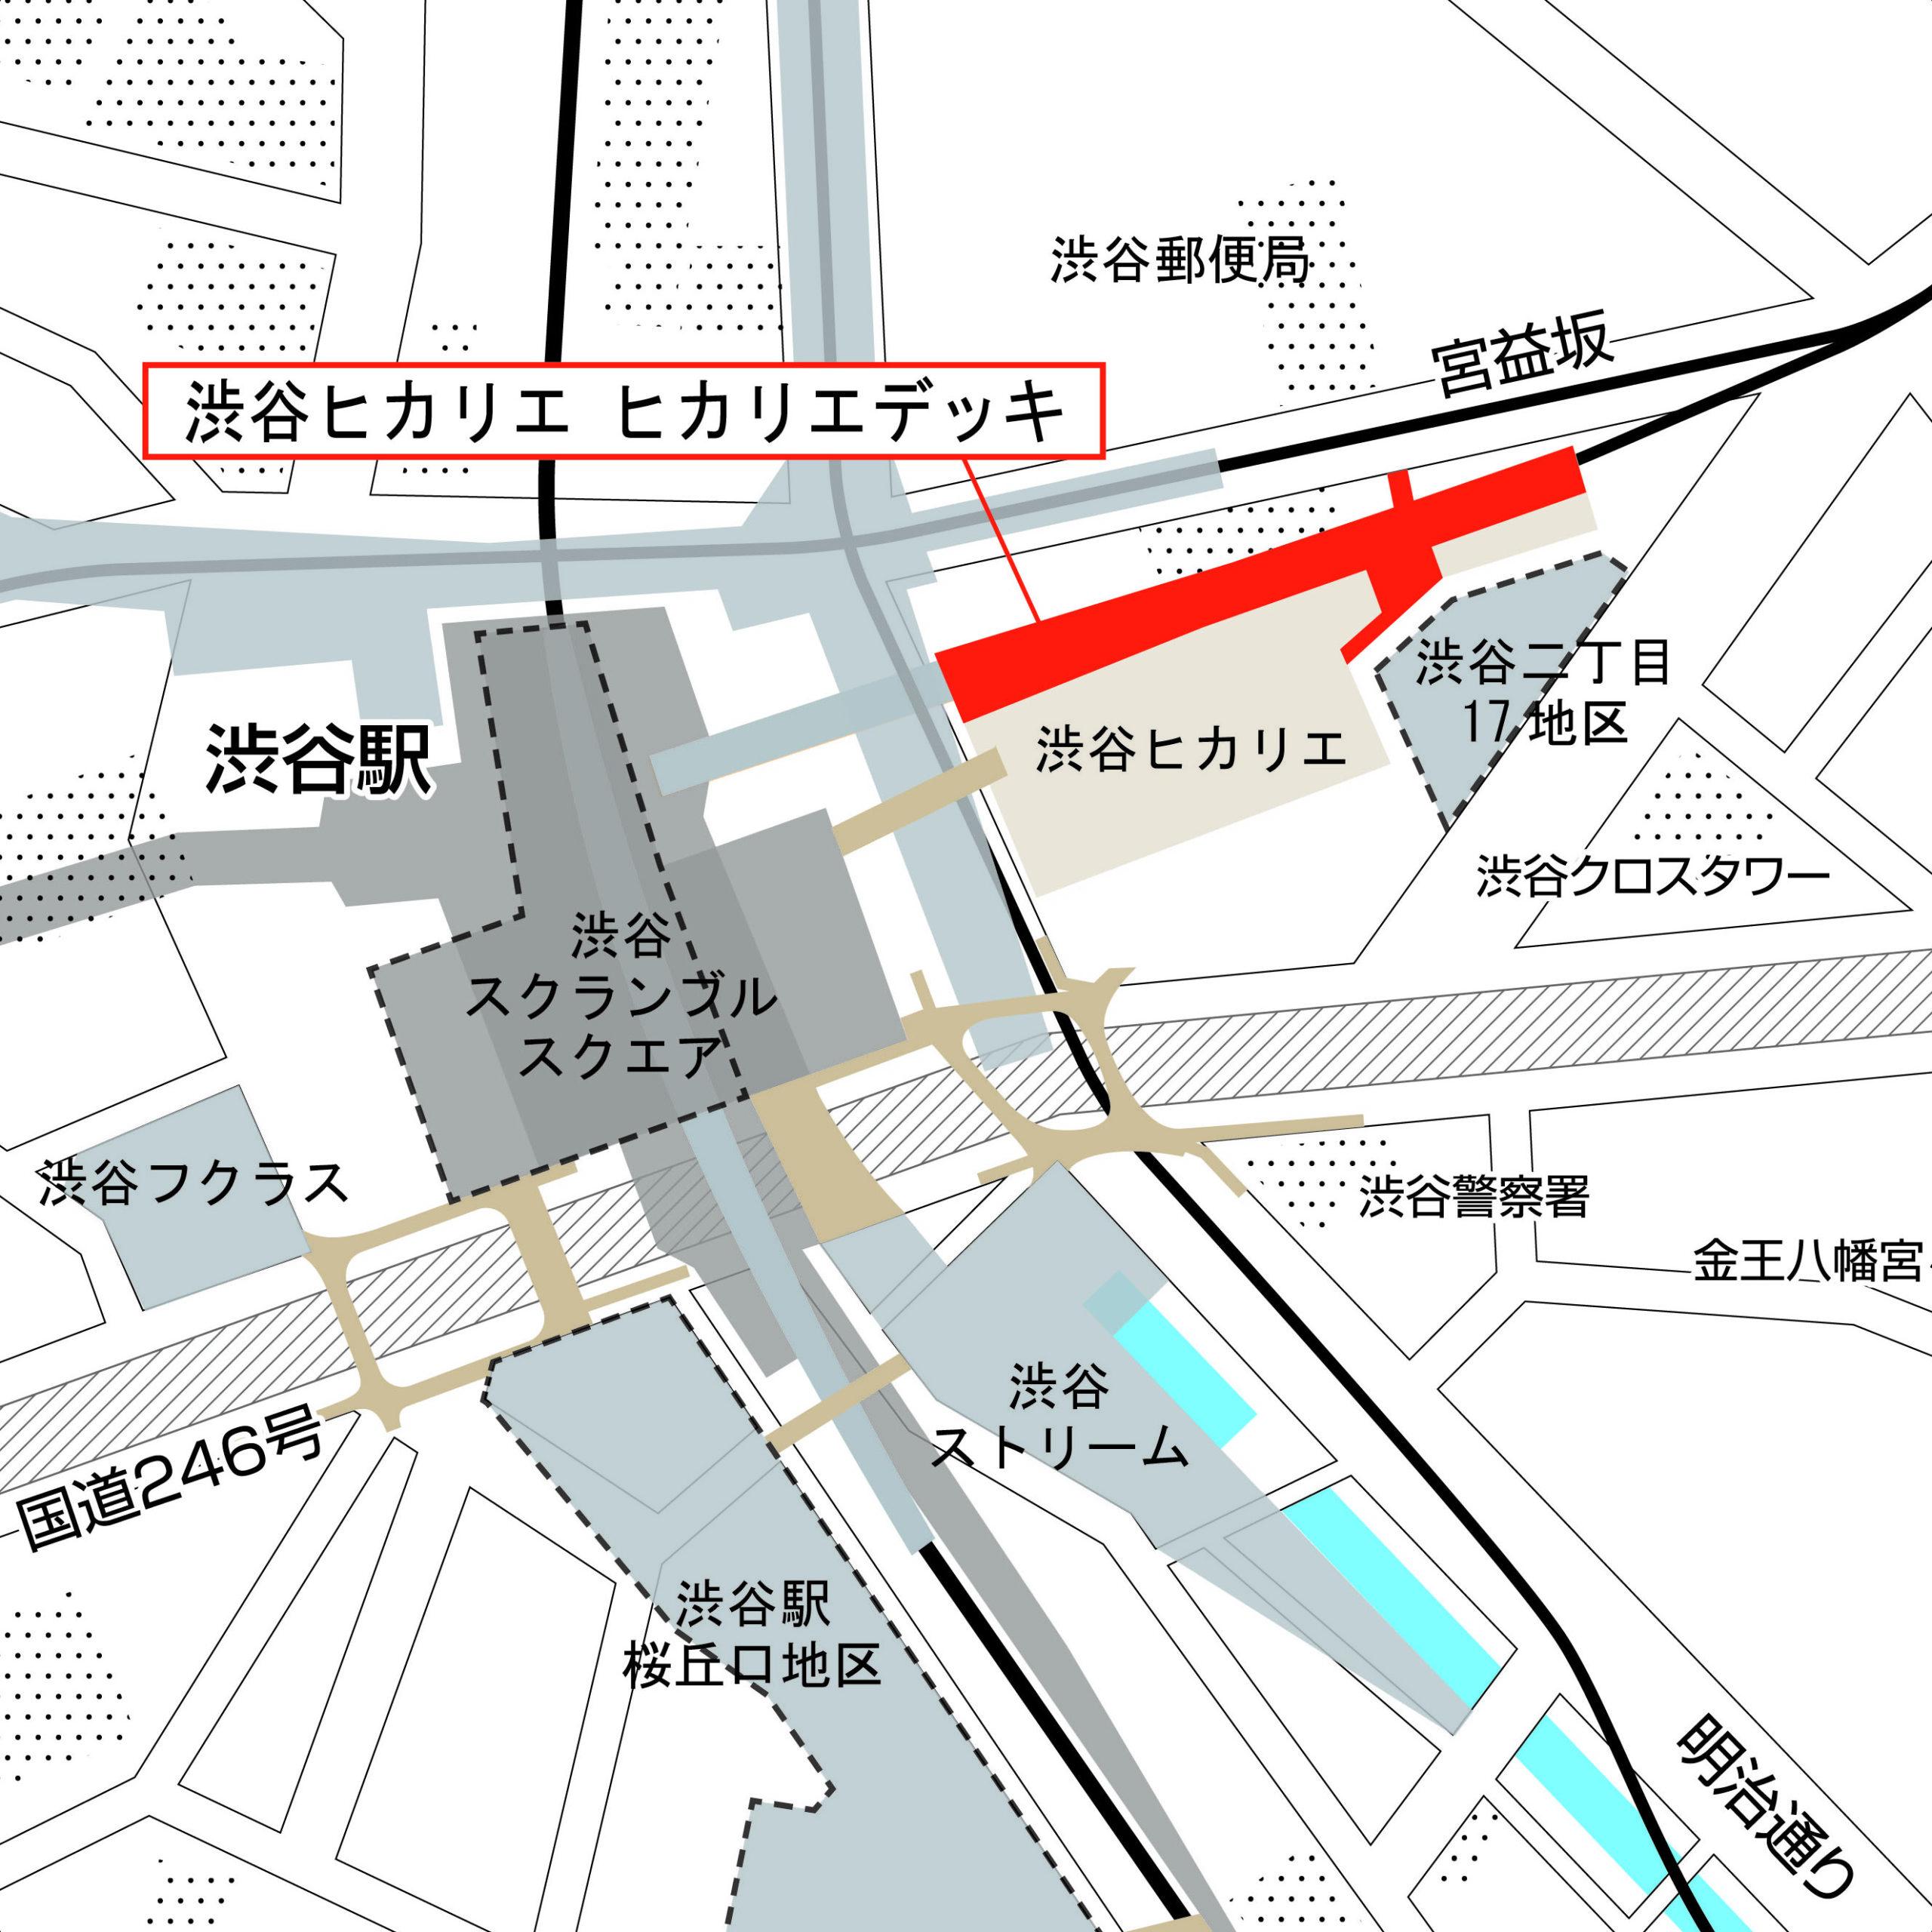 渋谷駅東口の歩行者ネットワークが拡充ー渋谷スカイウェイの一部が7月先行開業へ